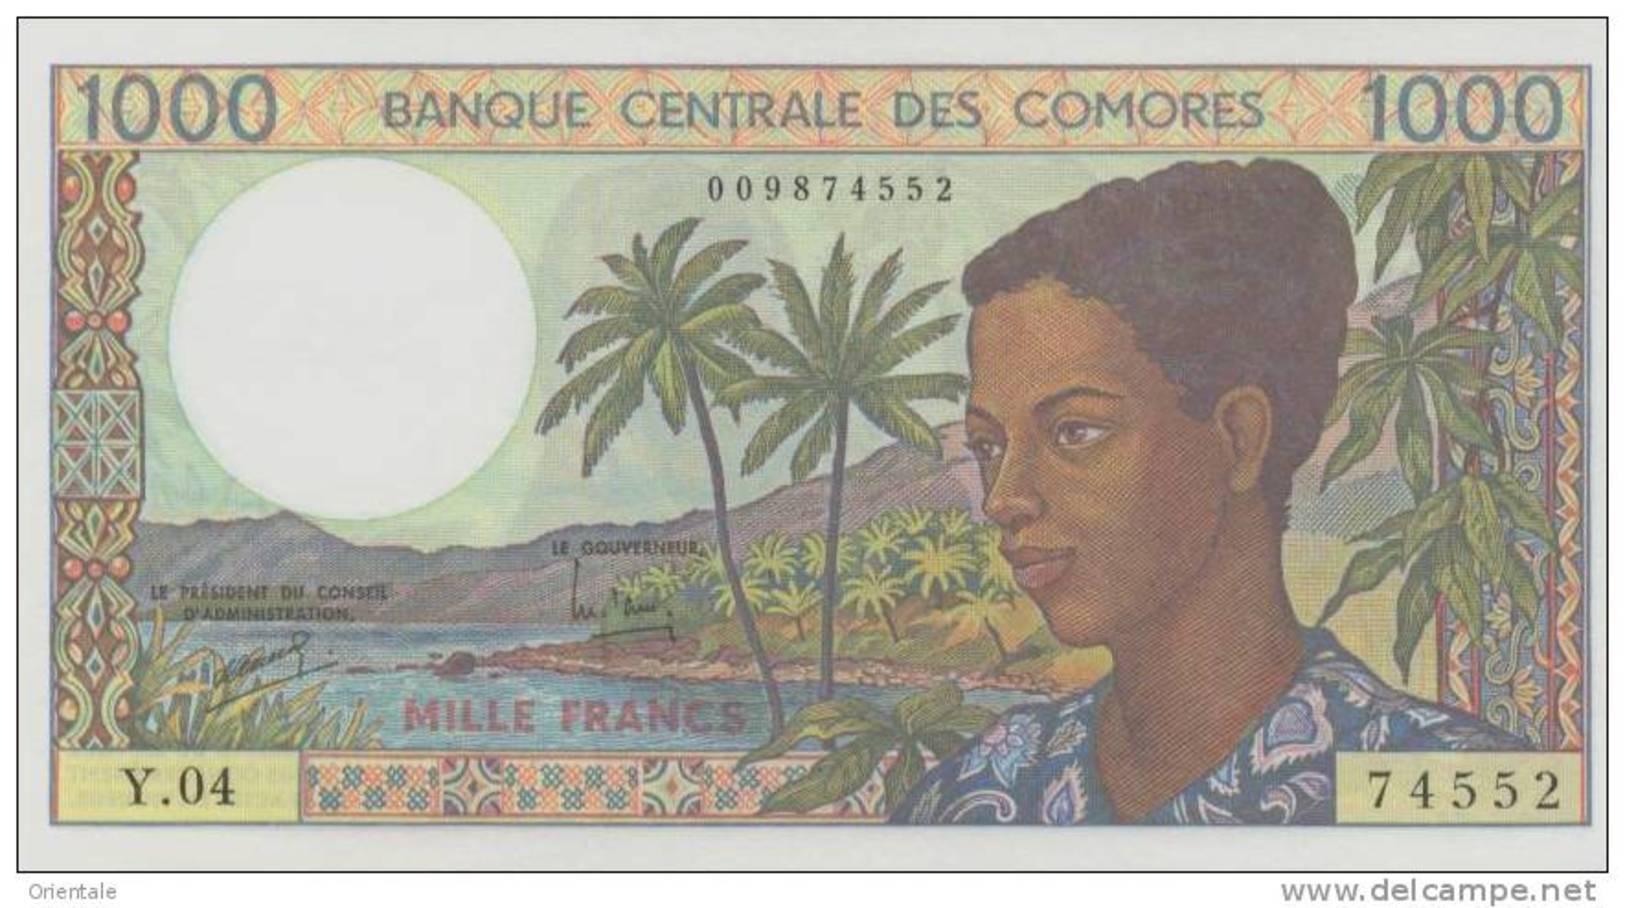 COMOROS P. 11b 1000 F 1994 UNC (s. 9) - Comoren